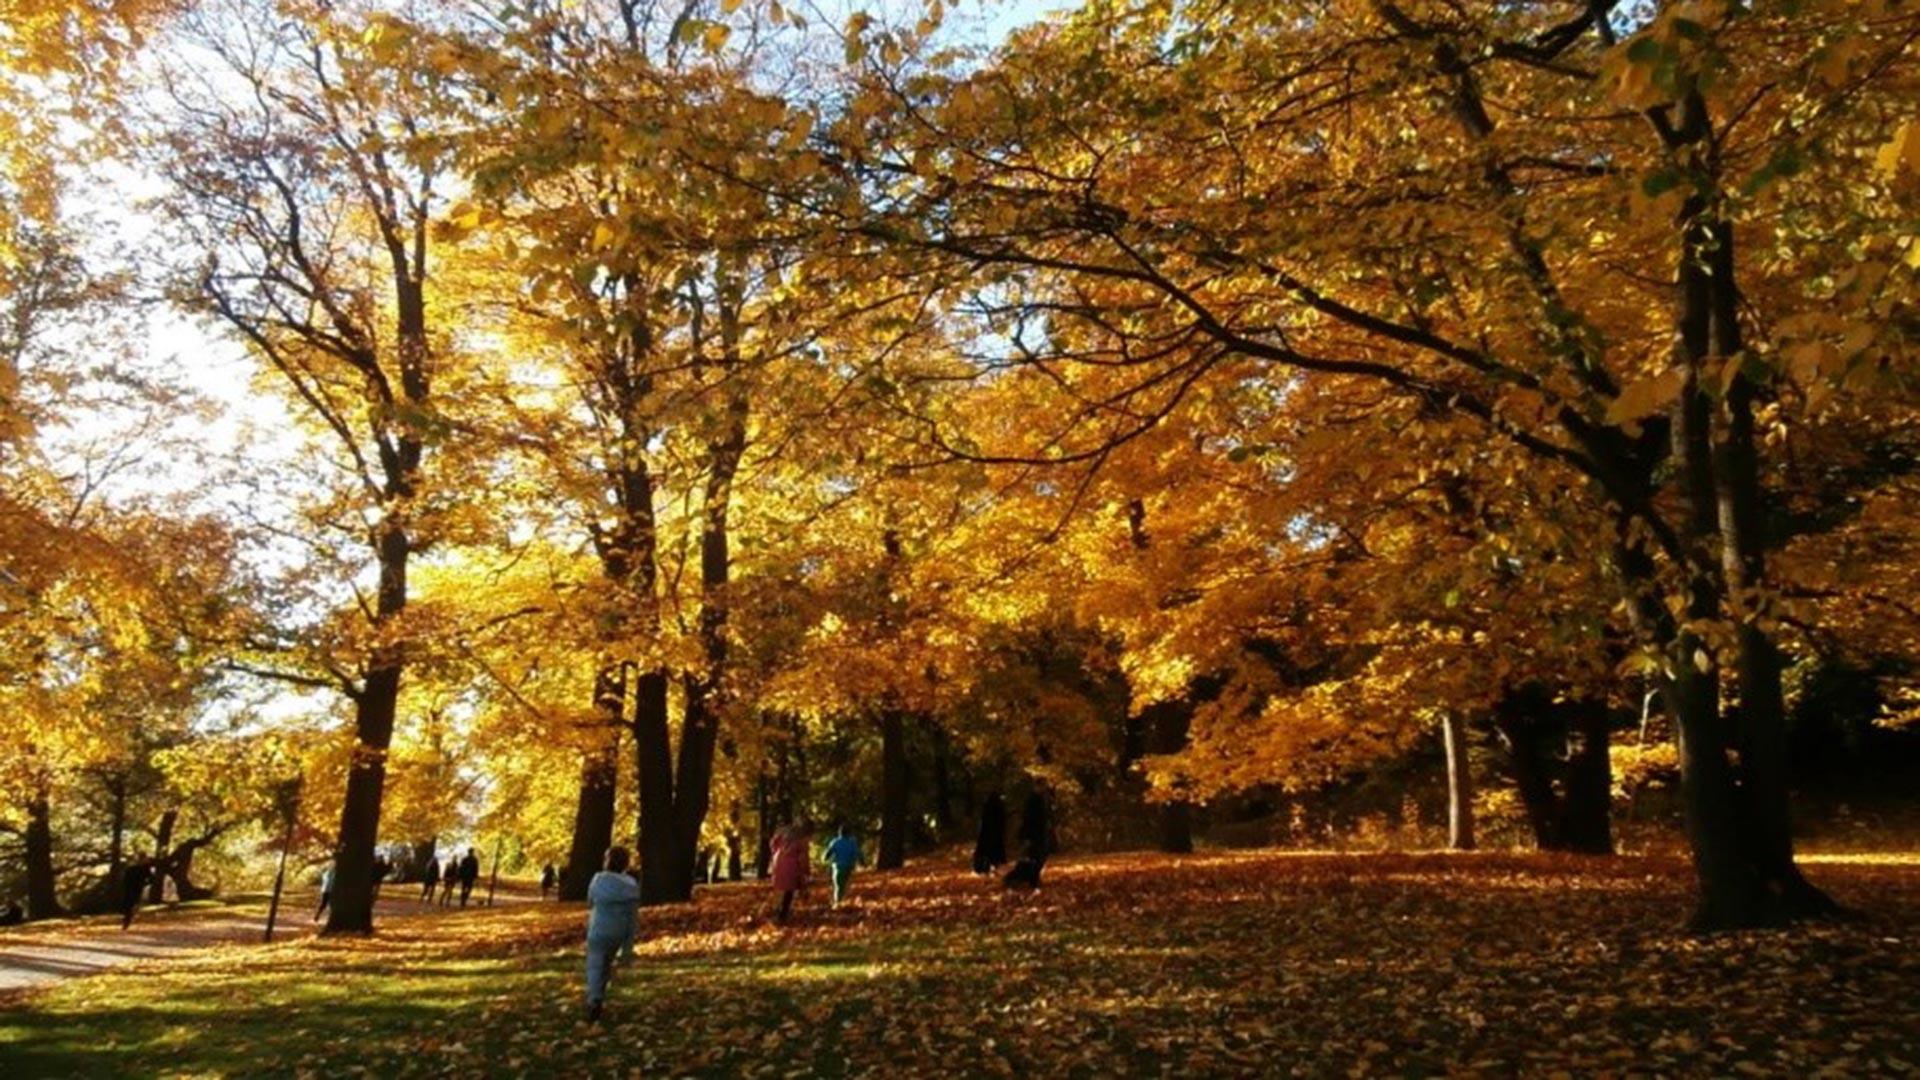 TRUE AUTUMN IN STOCKHOLM – OCTOBER